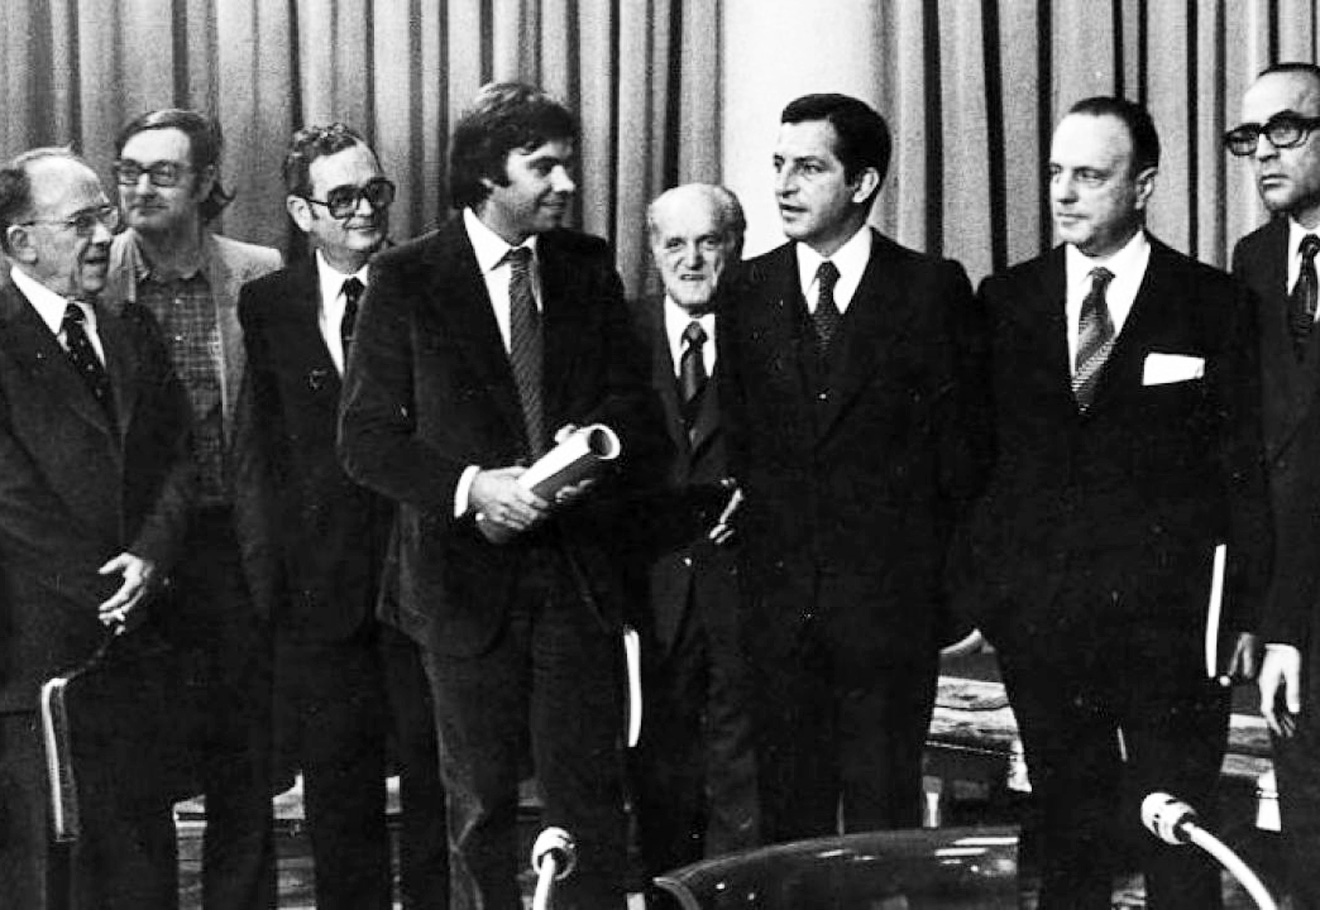 Adolfo Suárez y Felipe González se miran, flanqueados por Santiago Carrillo (izquierda), Manuel Fraga y los otros firmantes de los Pactos de la Moncloa, tras su rúbrica el 25 de octubre de 1977. EFE